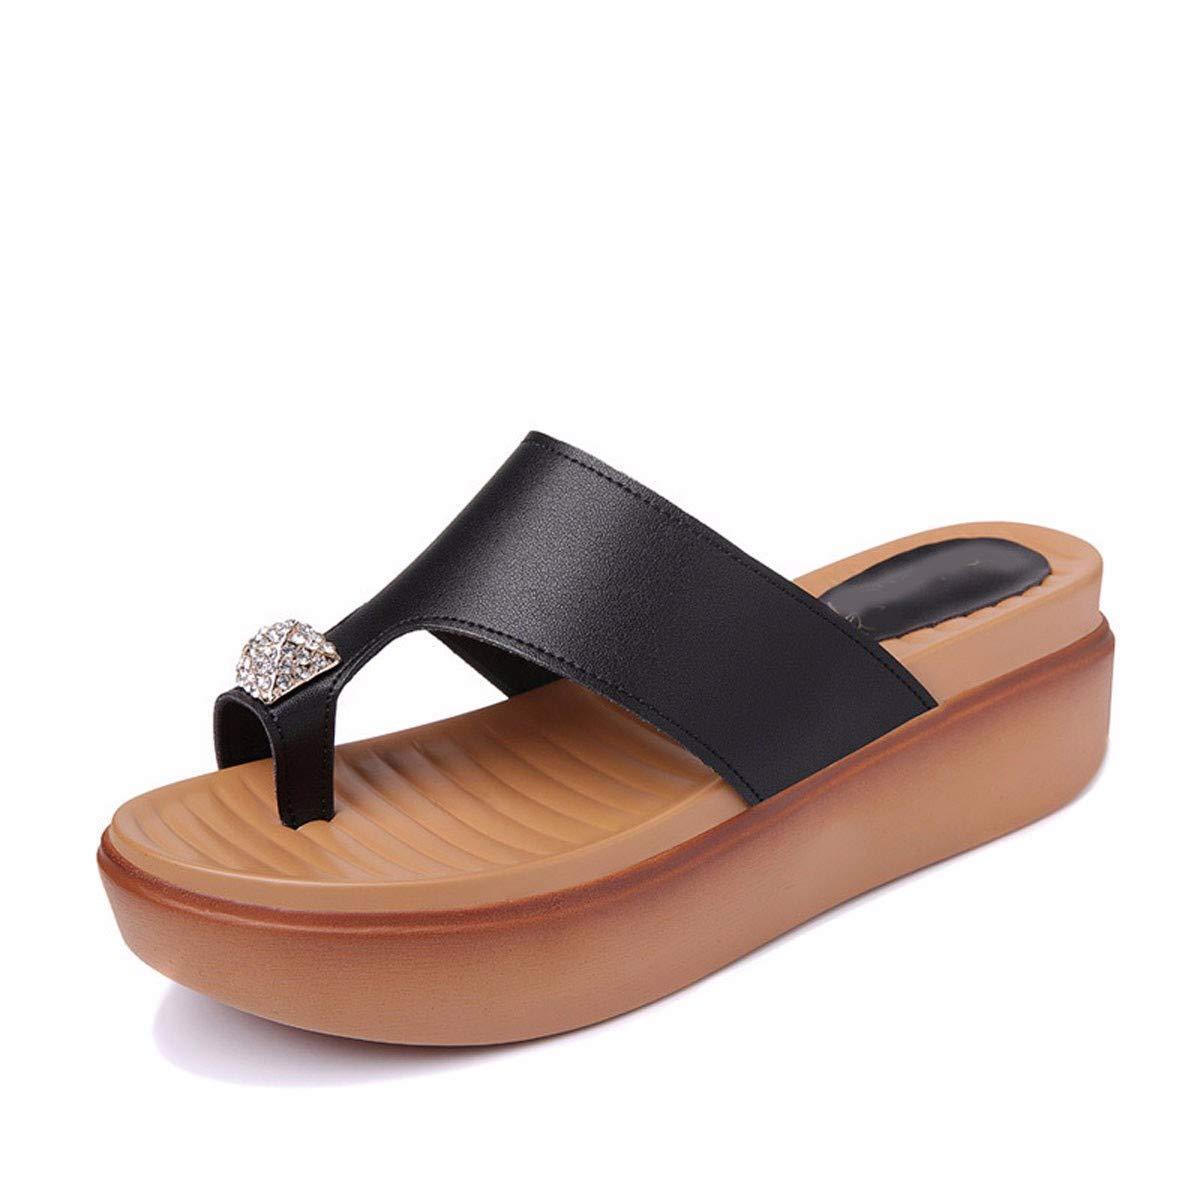 GTVERNH Frauen Schuhe Hang Sohle Fuß-Pantoffeln Sommer Mode Verschleiß Strand-Urlaub.